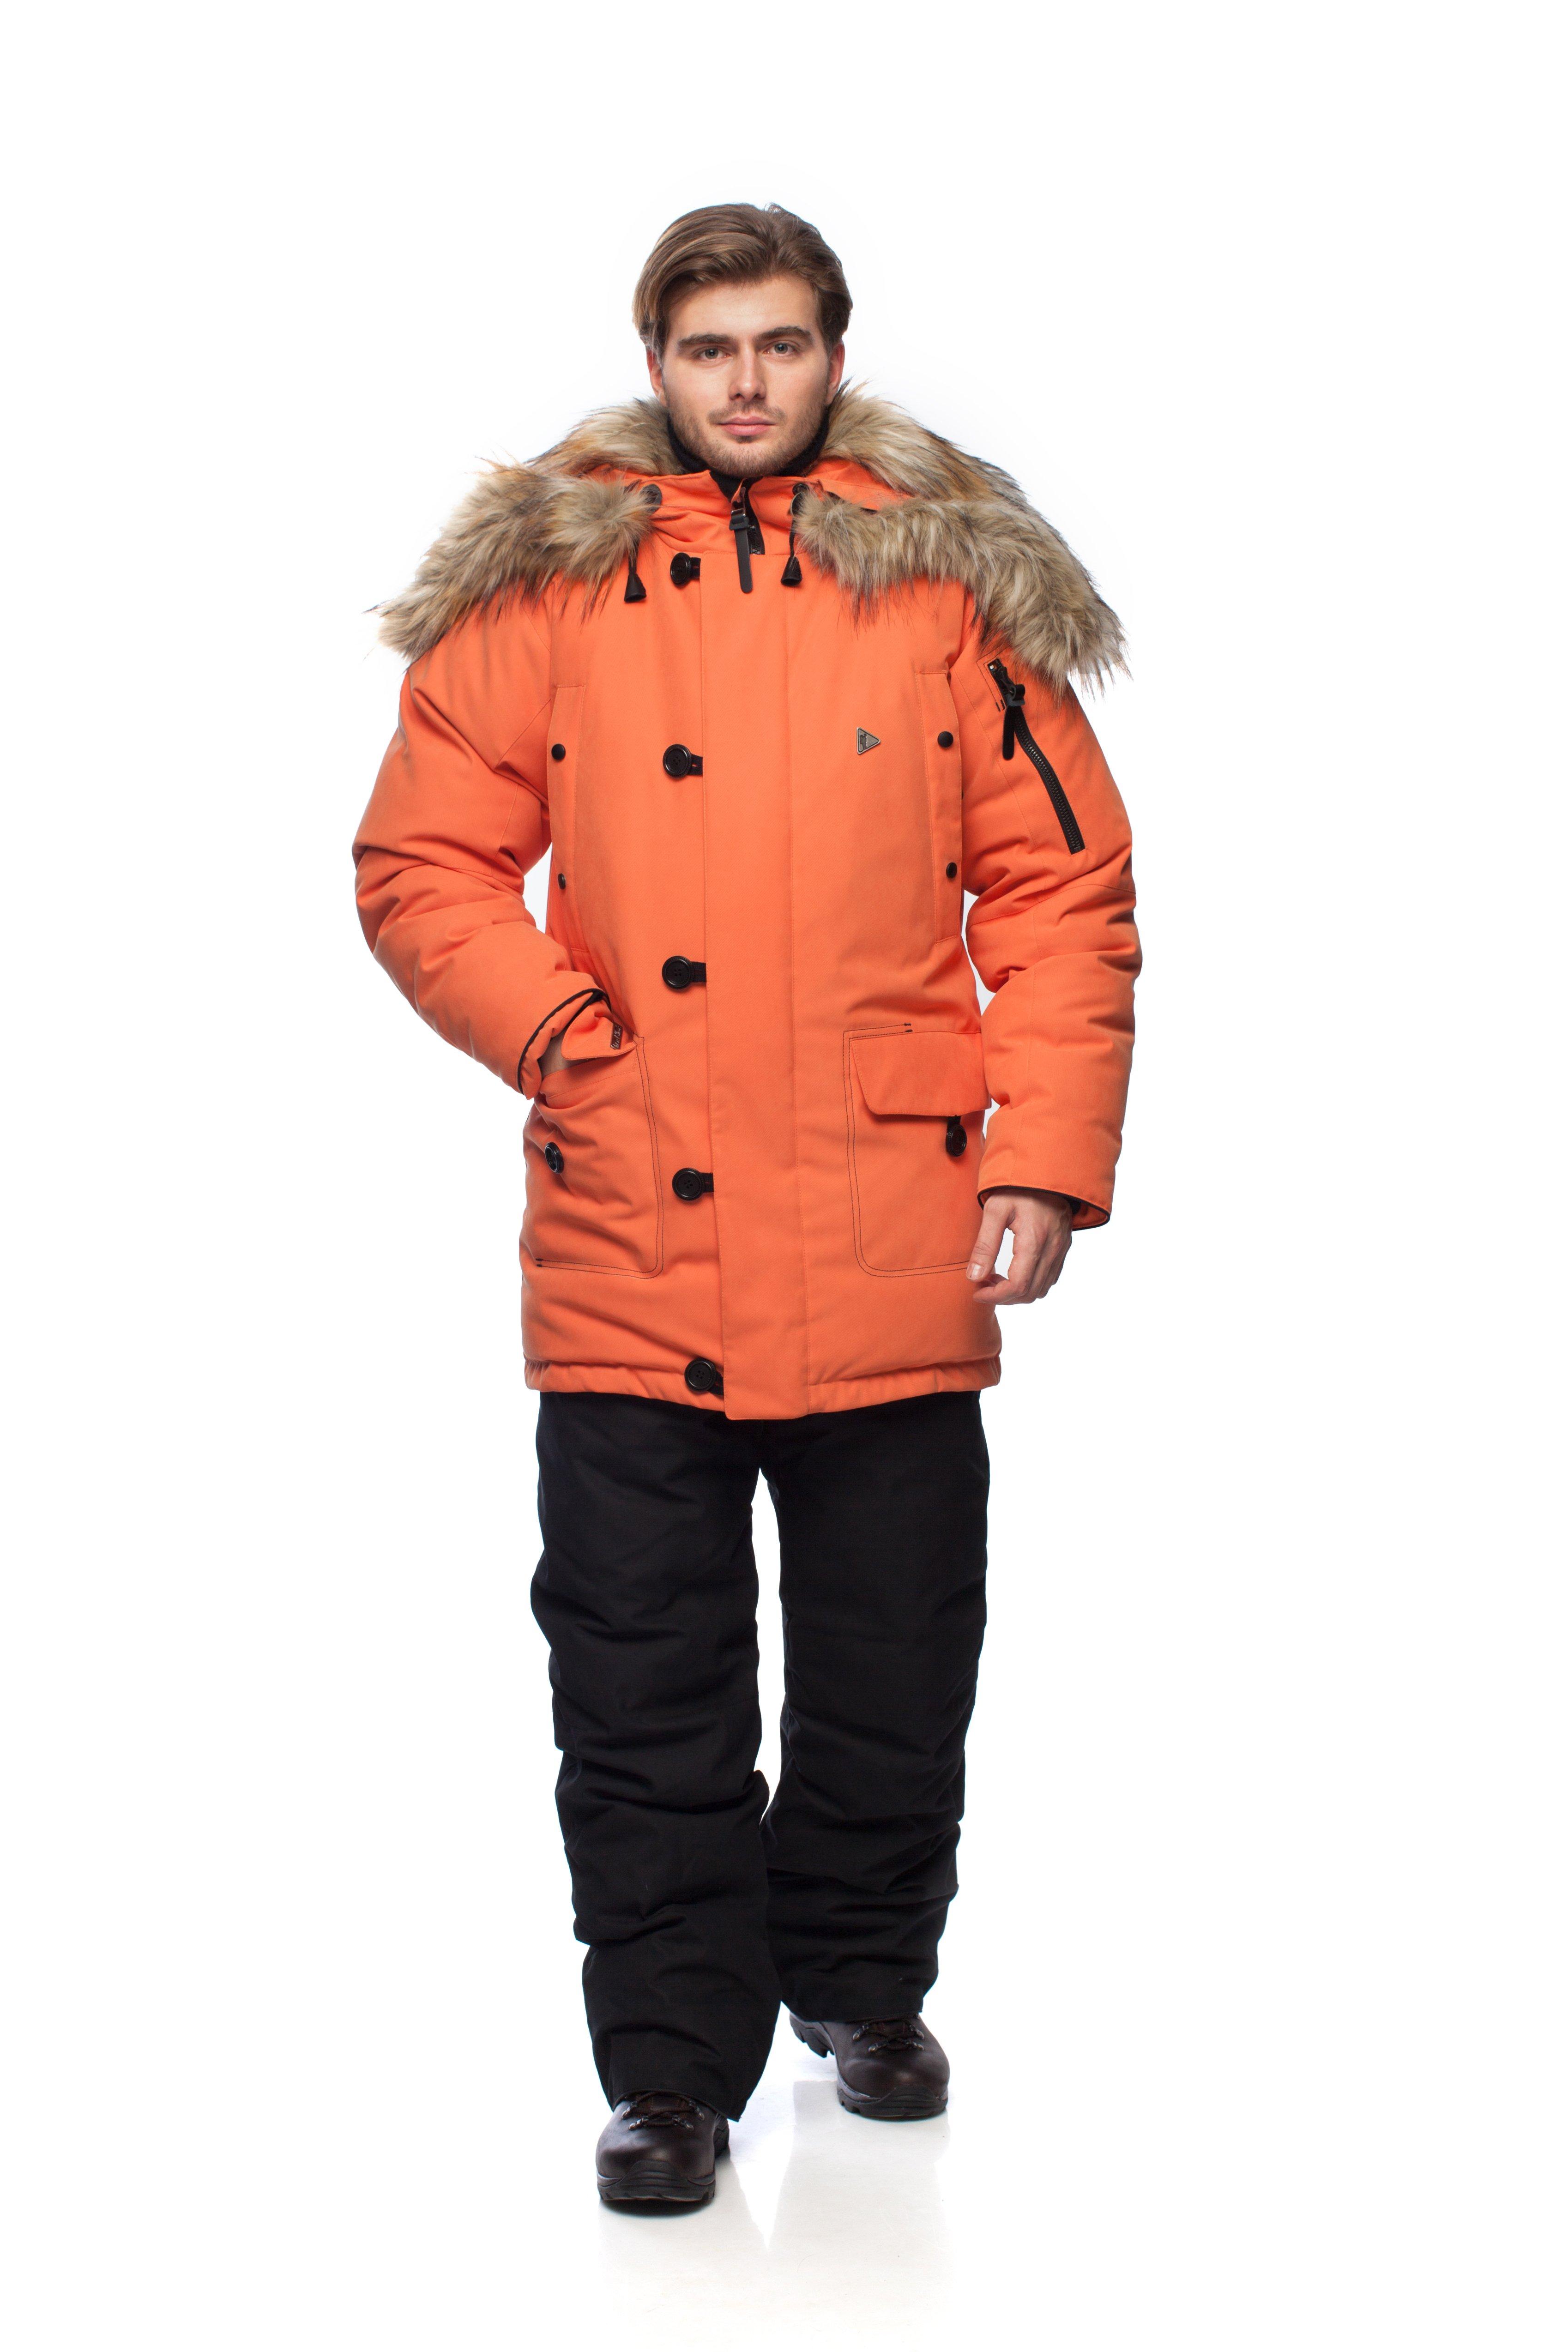 Пуховая куртка BASK DIXON 1461Куртки<br><br><br>&quot;Дышащие&quot; свойства: Да<br>Верхняя ткань: Advance® Alaska<br>Вес граммы: 2920<br>Вес утеплителя: 600<br>Ветро-влагозащитные свойства верхней ткани: Да<br>Ветрозащитная планка: Да<br>Ветрозащитная юбка: Да<br>Влагозащитные молнии: Нет<br>Внутренние манжеты: Да<br>Внутренняя ткань: Advance® Classic<br>Водонепроницаемость: 5000<br>Дублирующий центральную молнию клапан: Да<br>Защитный козырёк капюшона: Нет<br>Капюшон: Несъемный<br>Карман для средств связи: Нет<br>Количество внешних карманов: 5<br>Количество внутренних карманов: 4<br>Коллекция: Pole to Pole<br>Мембрана: Да<br>Объемный крой локтевой зоны: Да<br>Отстёгивающиеся рукава: Нет<br>Паропроницаемость: 5000<br>Показатель Fill Power (для пуховых изделий): 650<br>Пол: Мужской<br>Проклейка швов: Нет<br>Регулировка манжетов рукавов: Нет<br>Регулировка низа: Нет<br>Регулировка объёма капюшона: Да<br>Регулировка талии: Да<br>Регулируемые вентиляционные отверстия: Нет<br>Световозвращающая лента: Нет<br>Температурный режим: -80<br>Технология Thermal Welding: Нет<br>Технология швов: Простые<br>Тип молнии: Двухзамковая<br>Тип утеплителя: Коминированный<br>Ткань усиления: Нет<br>Усиление контактных зон: Нет<br>Утеплитель: Гусиный пух<br>Размер RU: 46<br>Цвет: КРАСНЫЙ